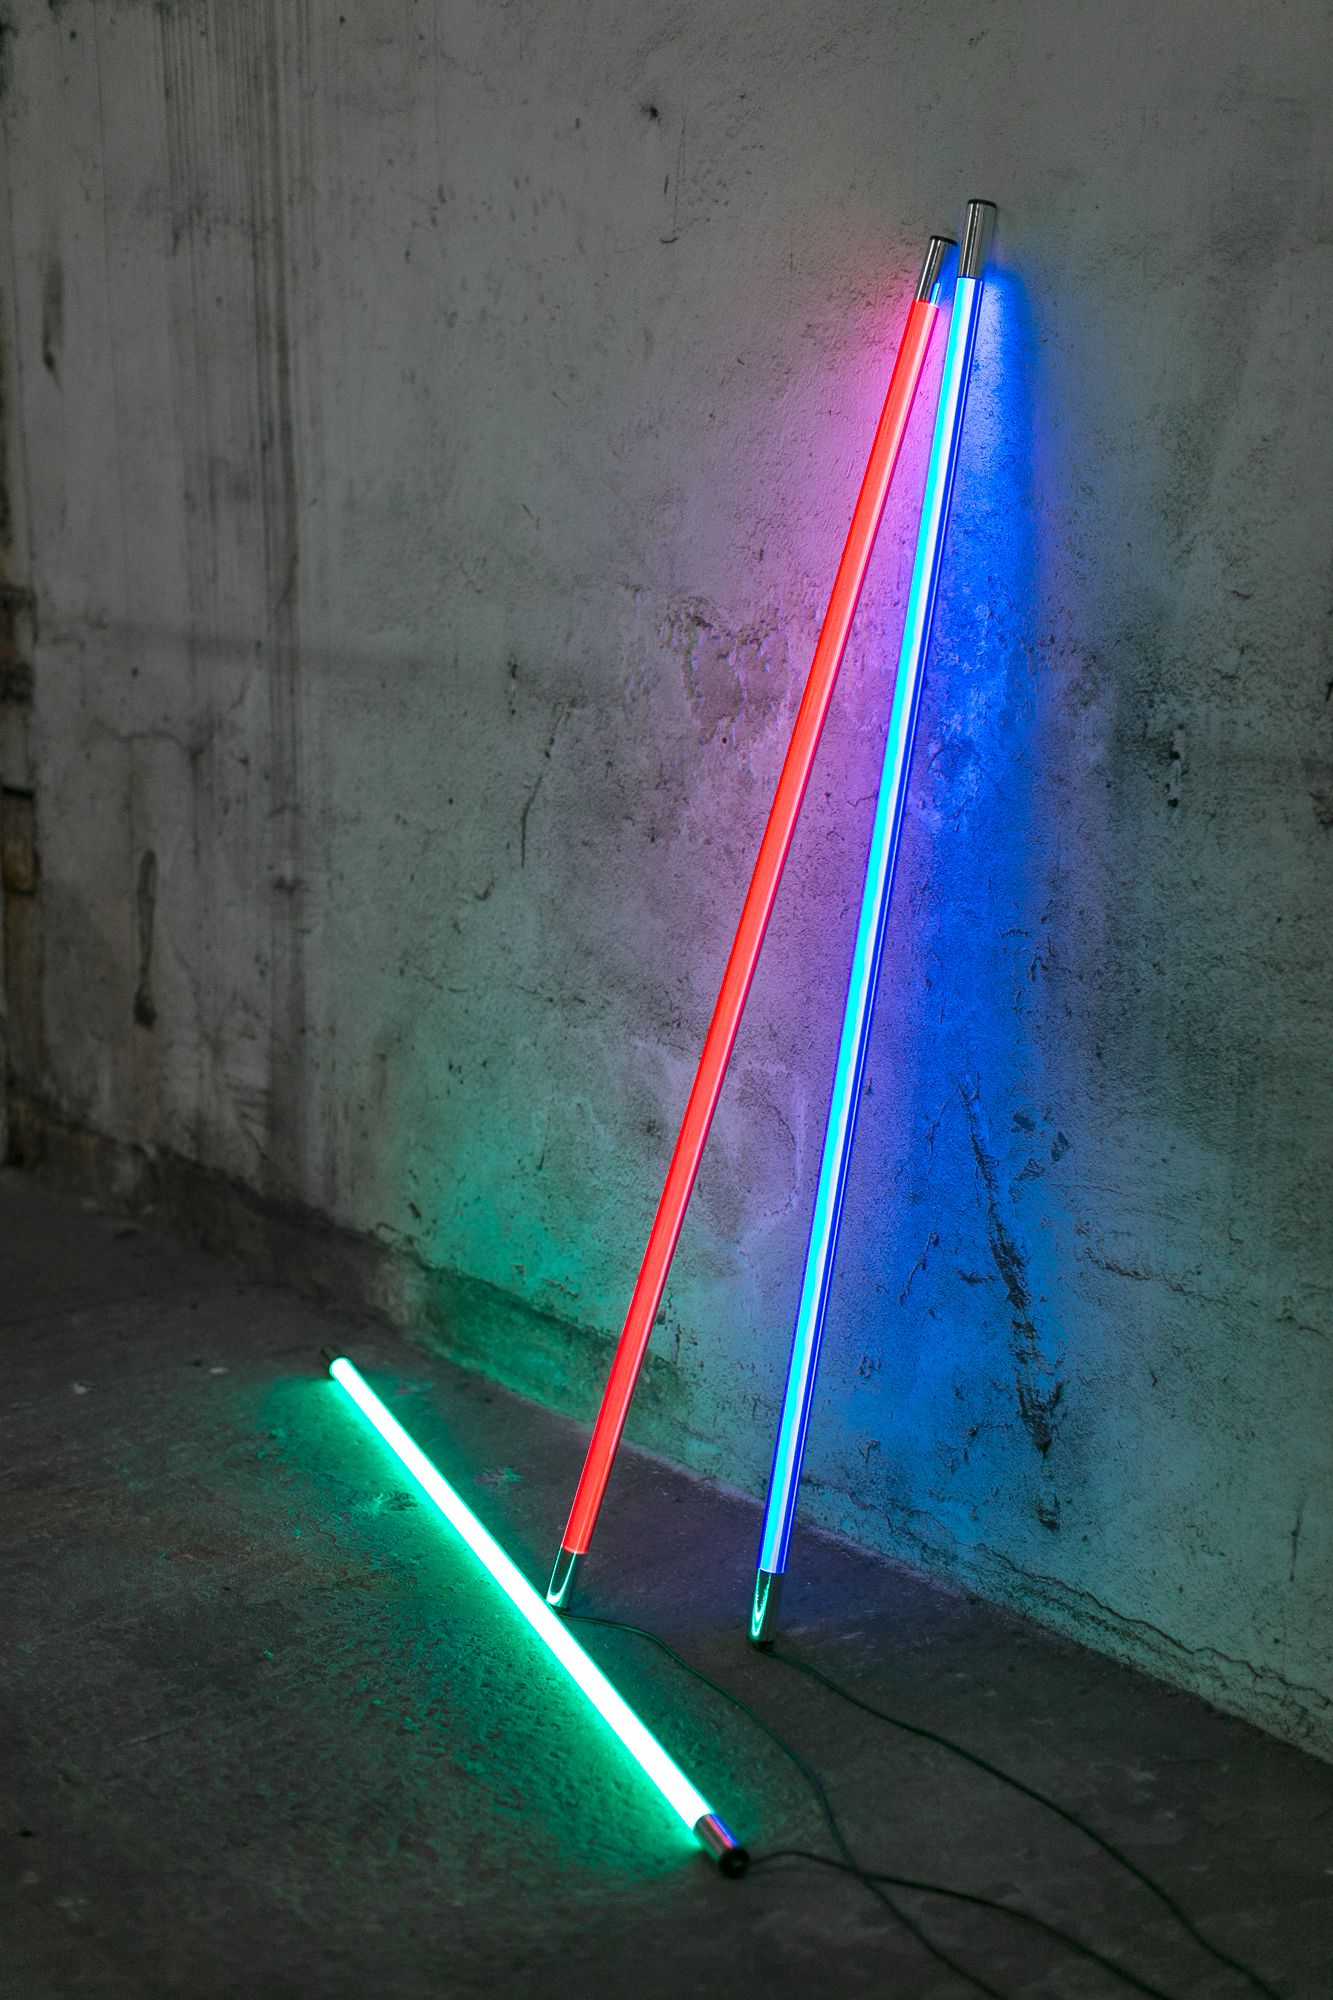 Leuchtstabe Innenbereich Led Way Light Neonrohren Leuchtstabe Leuchten